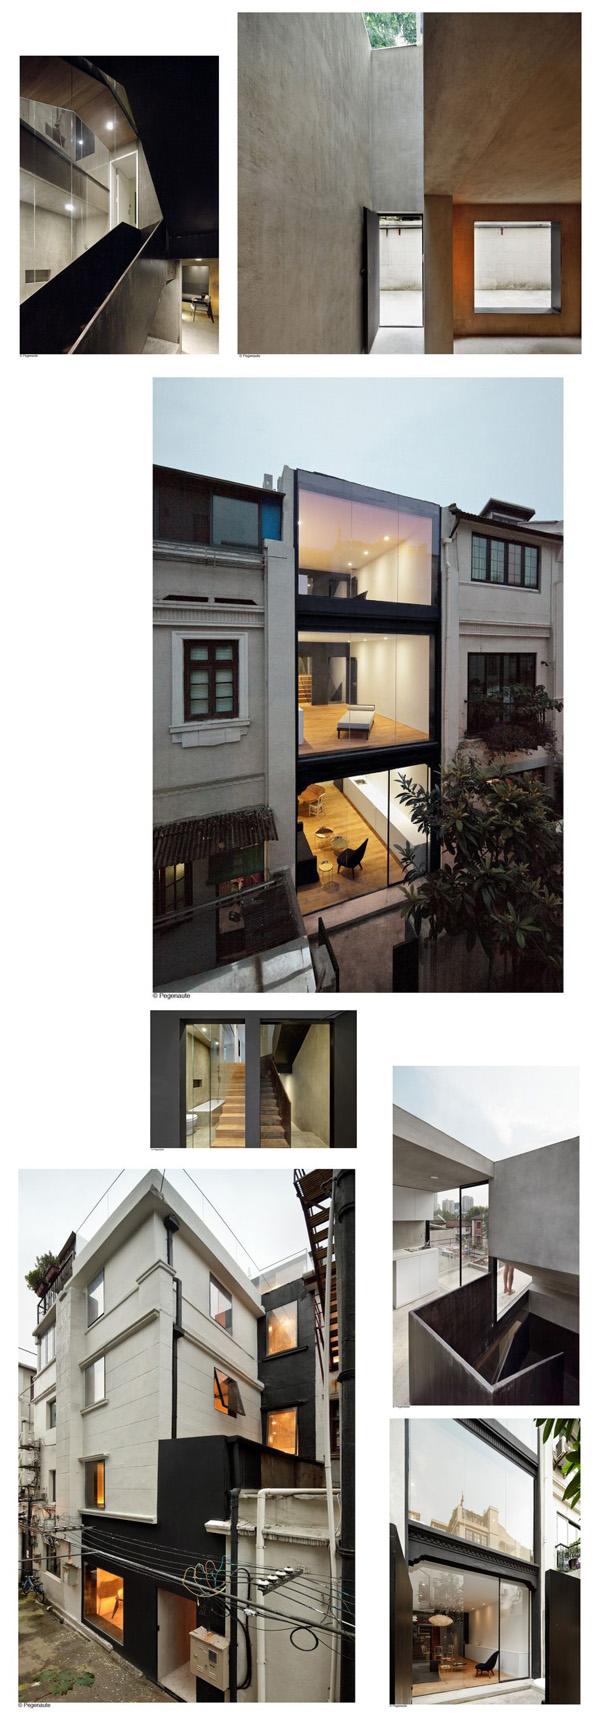 © NERI&HU ARCHITECTS en MODUS-VIVENDI vivienda entre medianeras